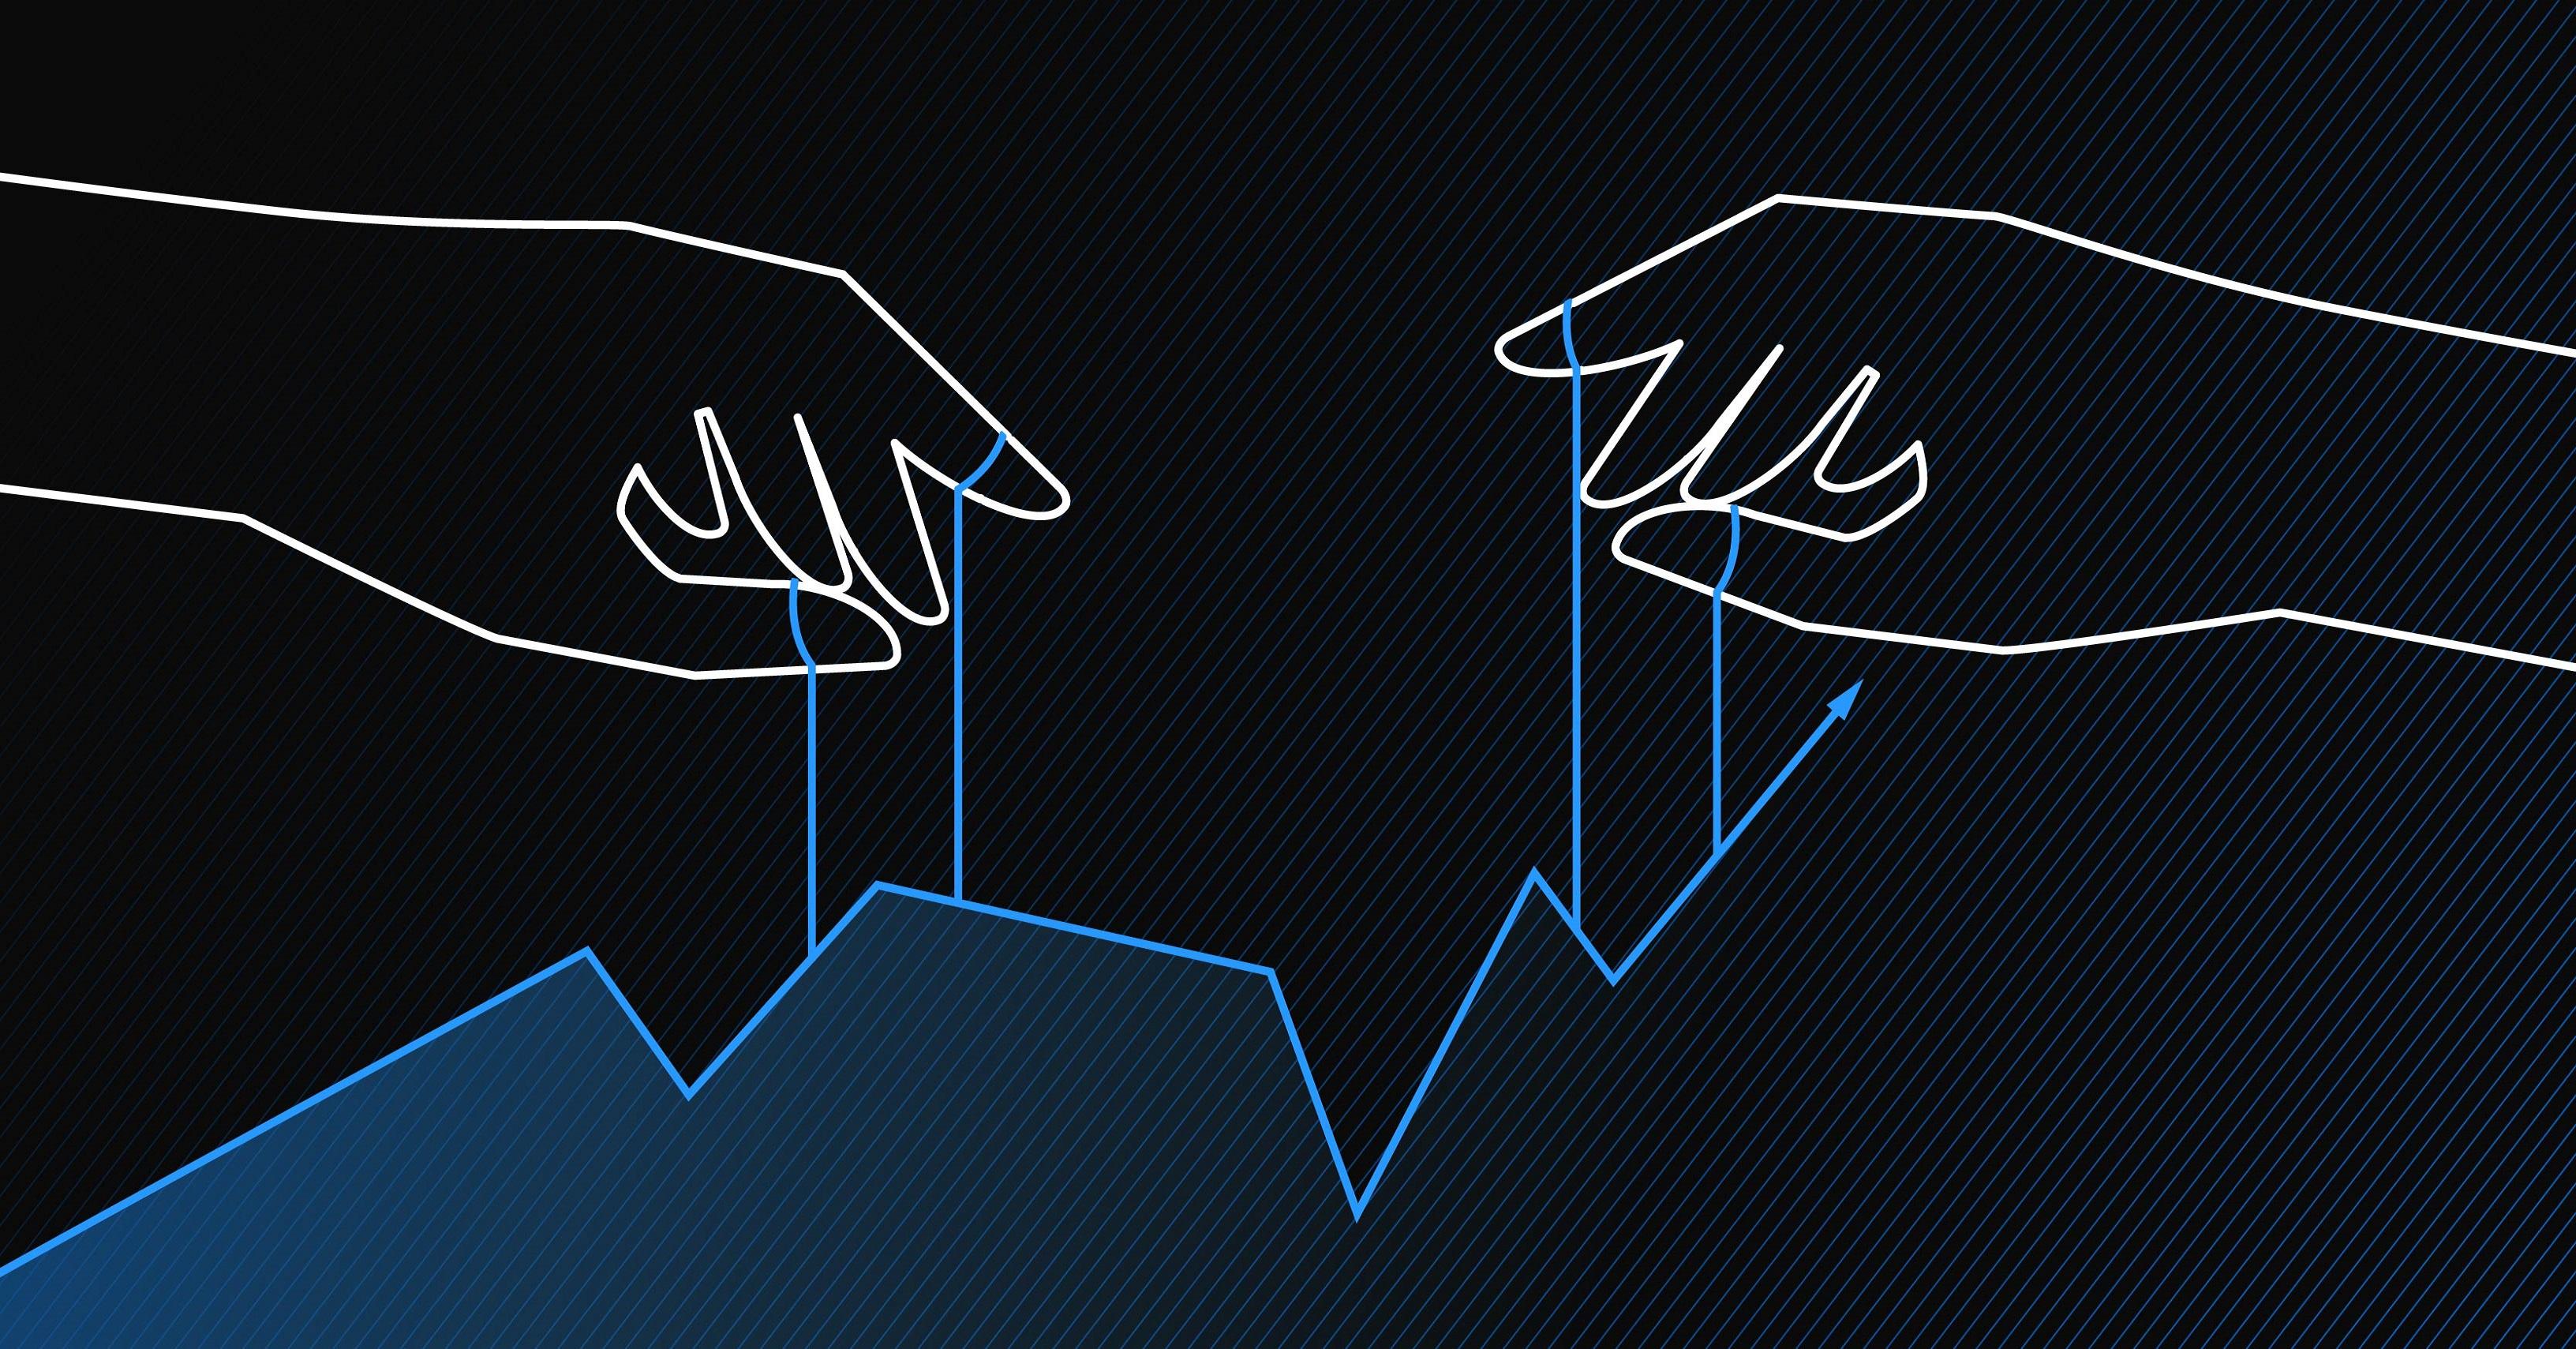 Il grande aumento di valore di Bitcoin dipese da una manipolazione del mercato? - Il Post